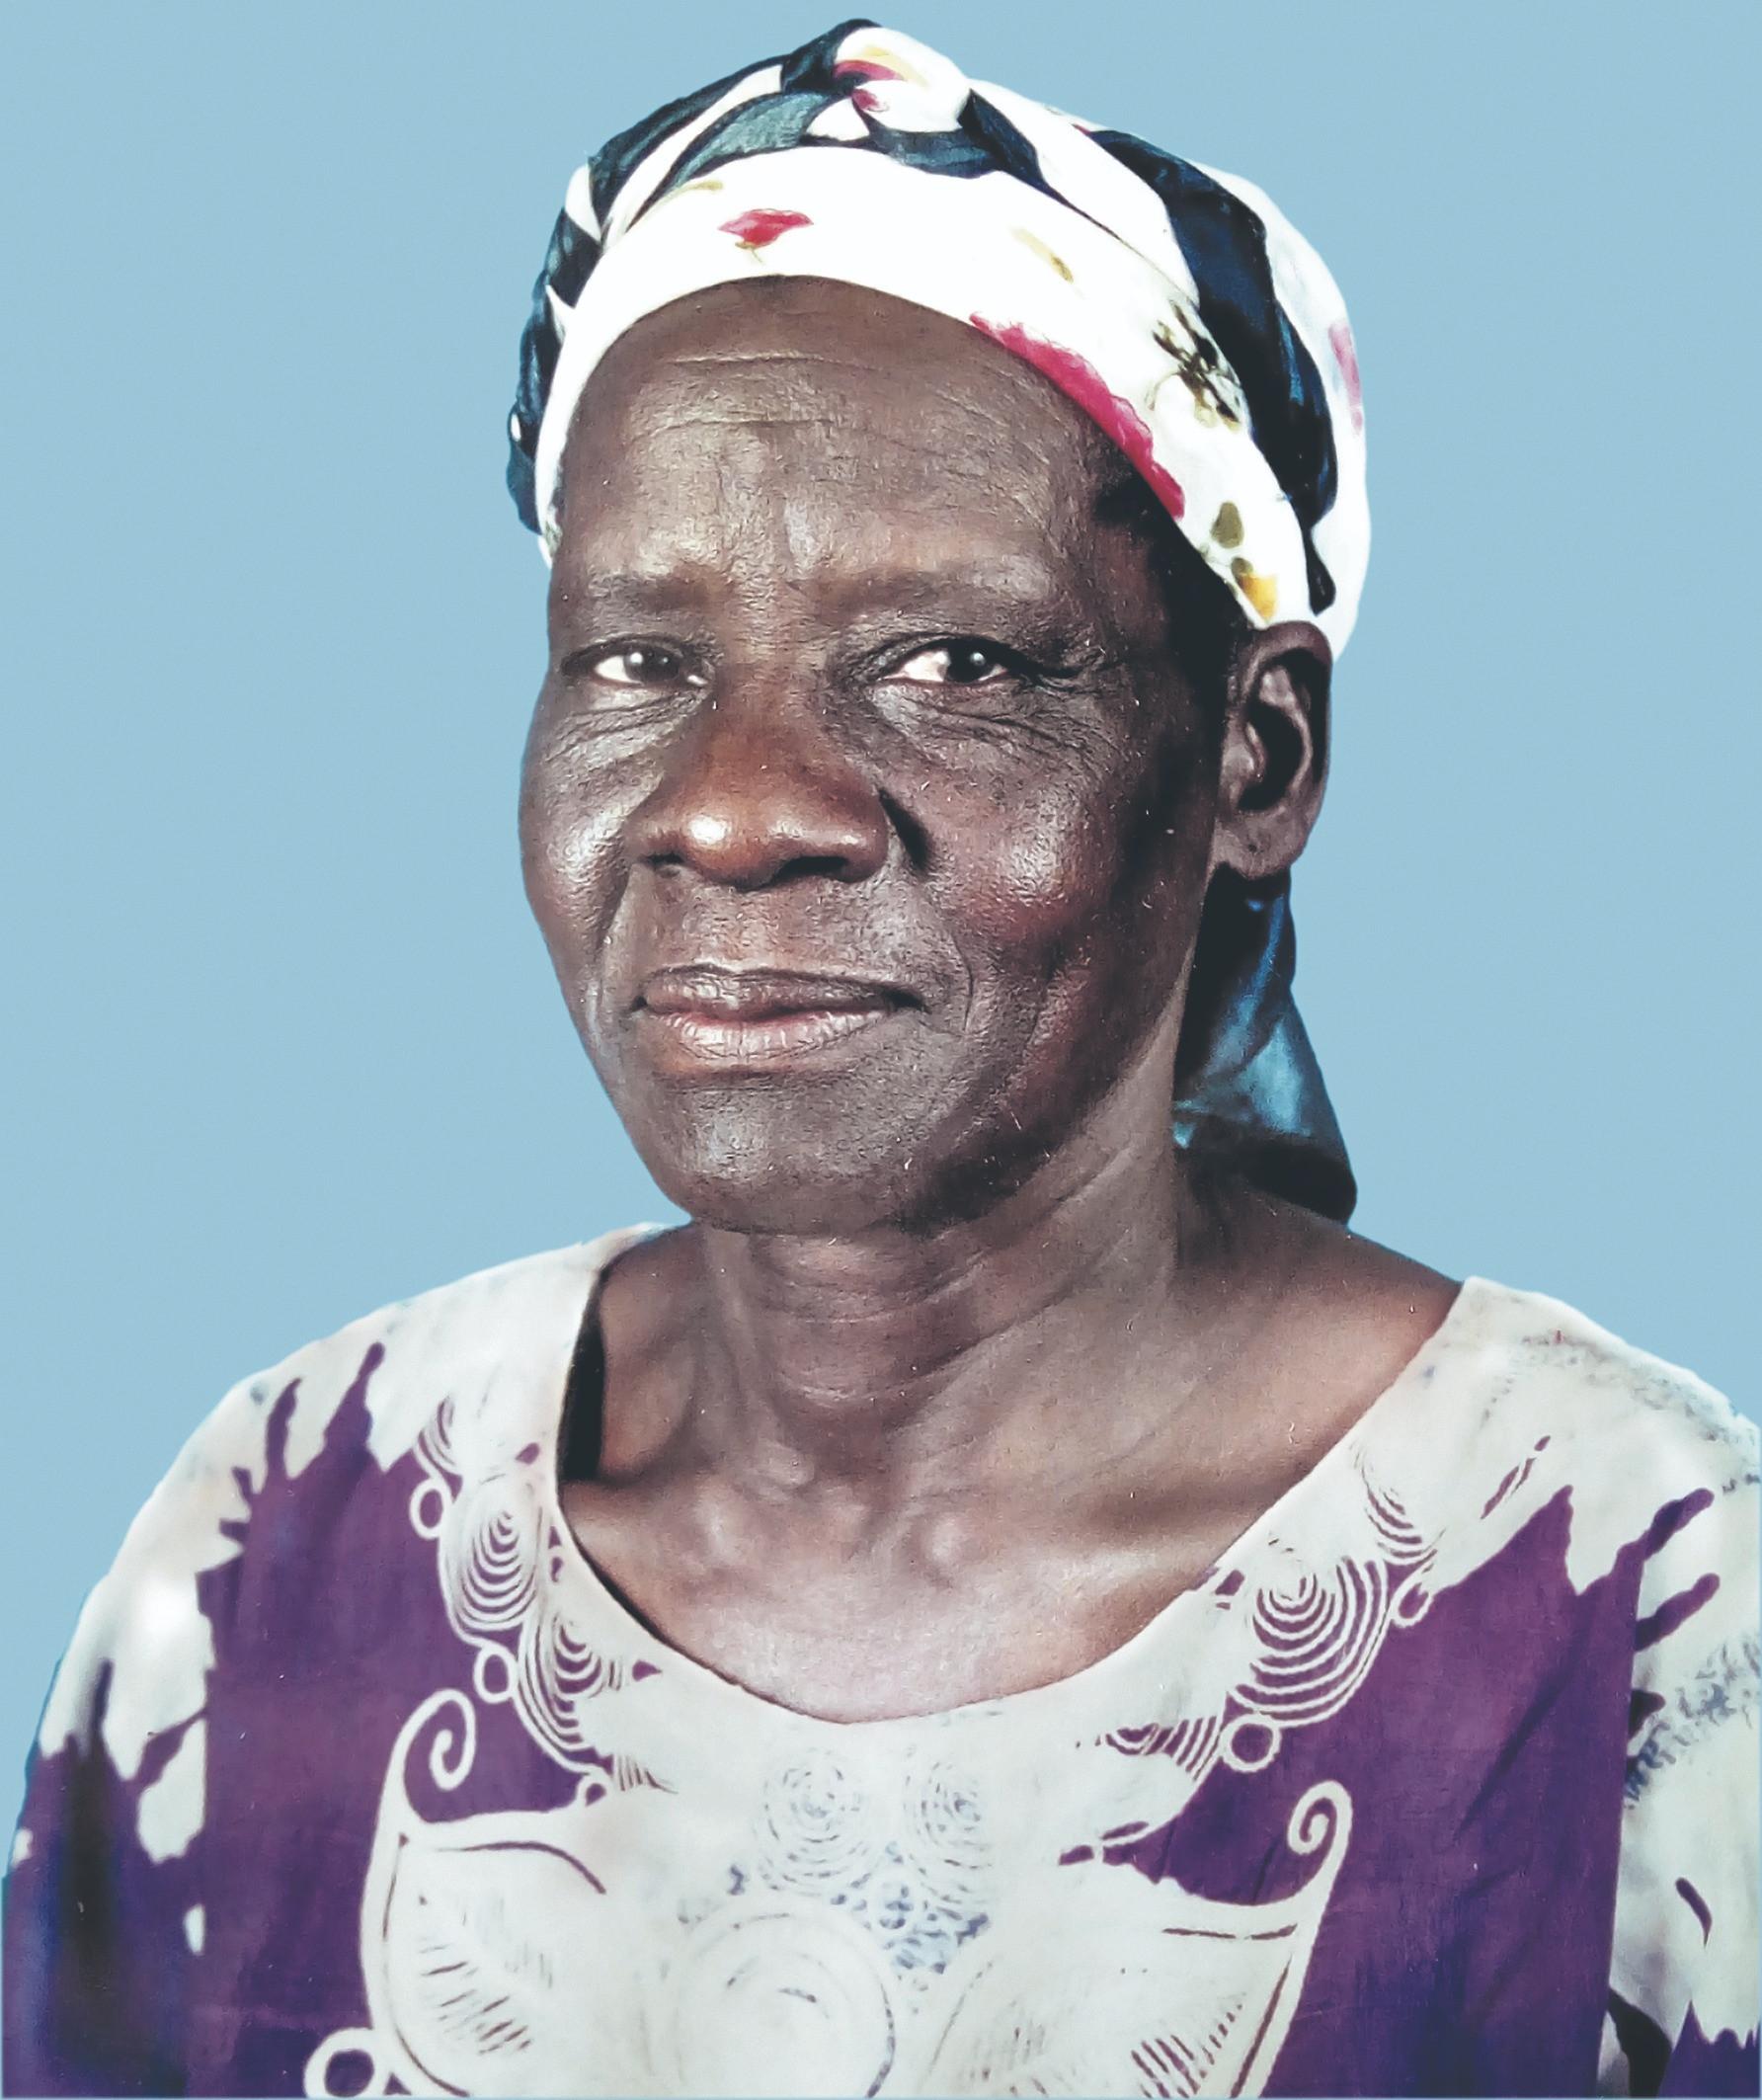 Margaret Wanyama Waswa